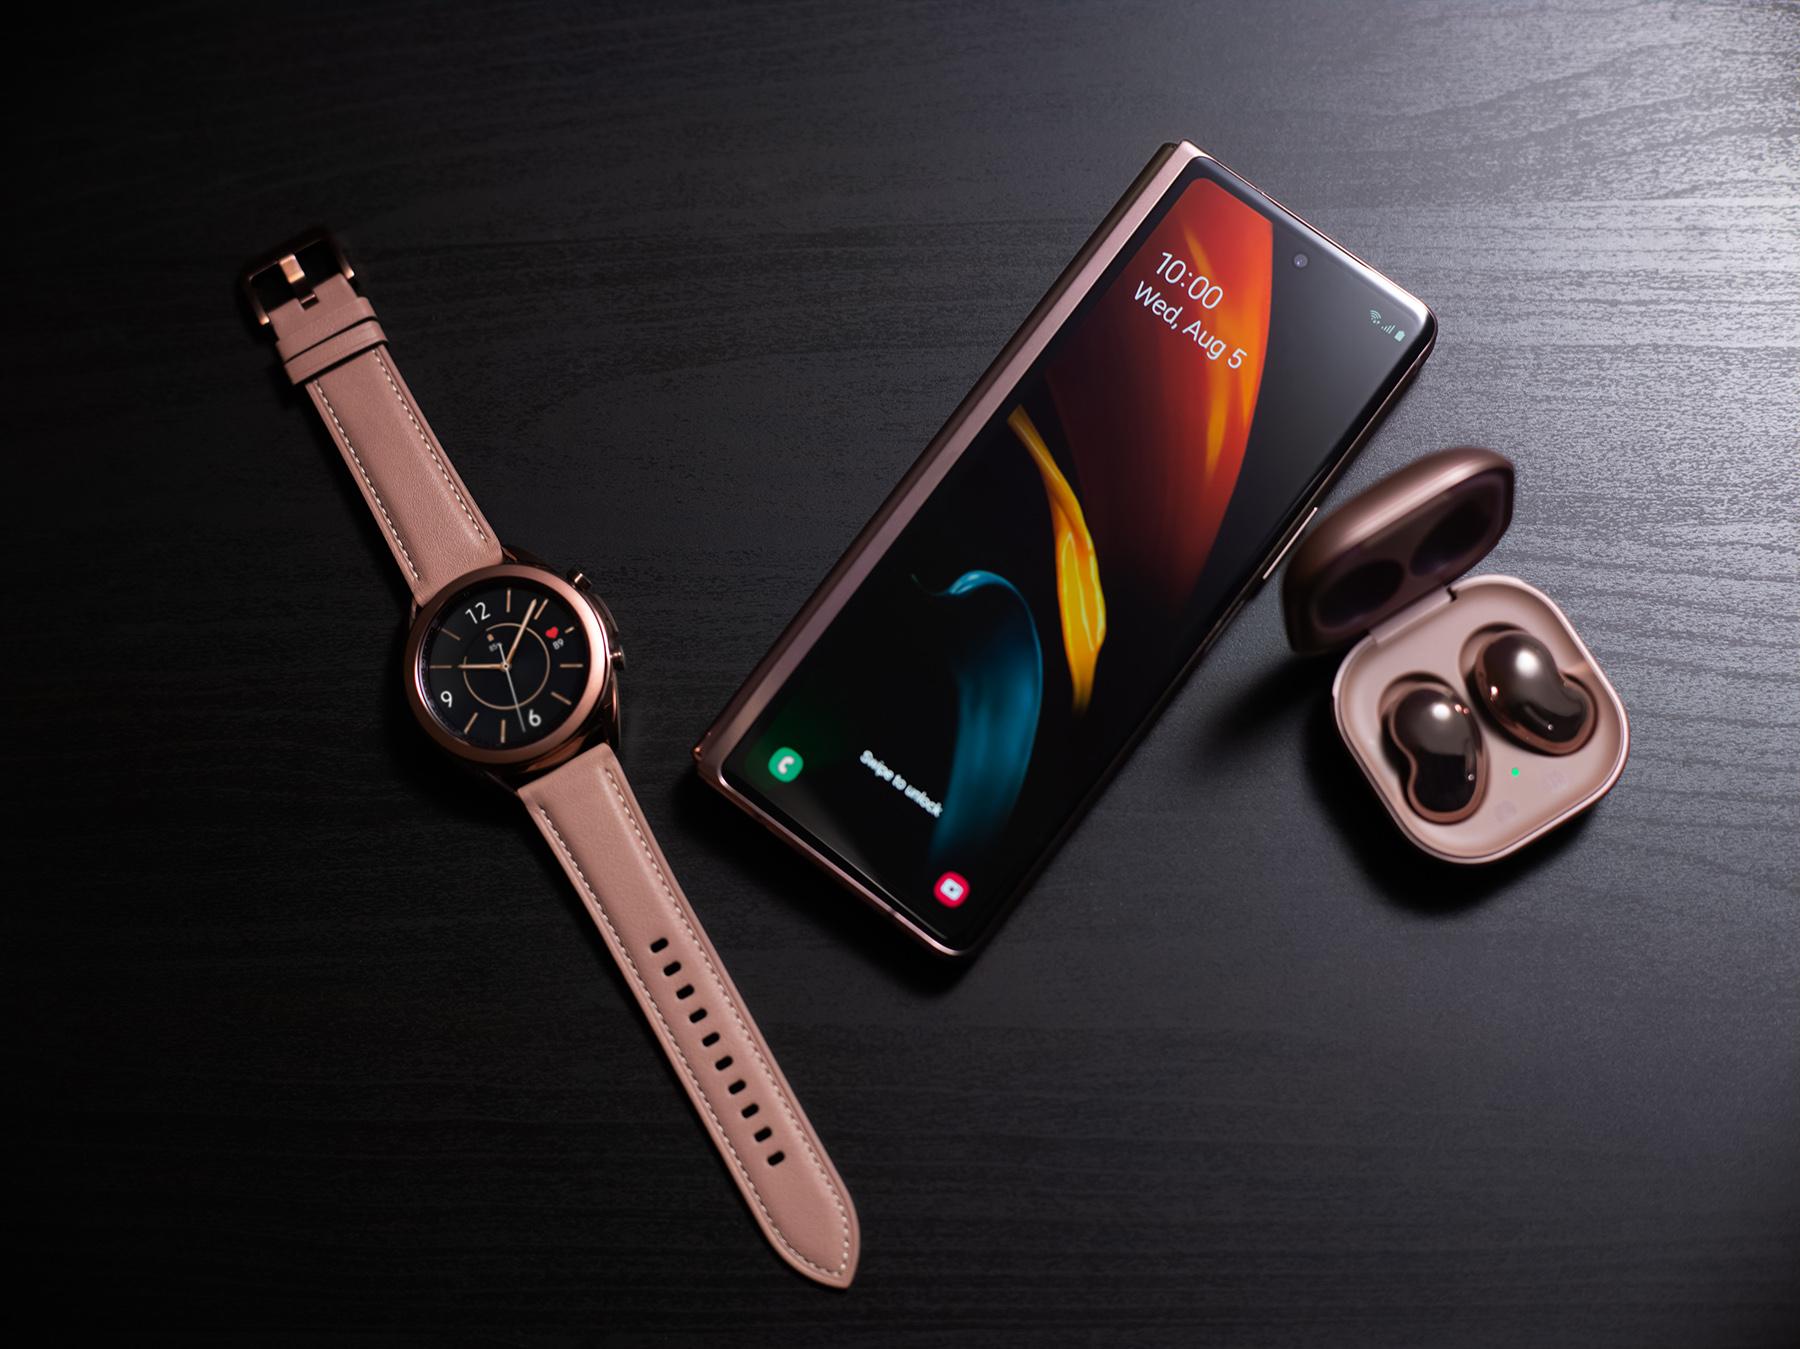 Em imagem, novo galaxy z fold2 junto aos airbuds e o smartwatch da samsung em cores bronze